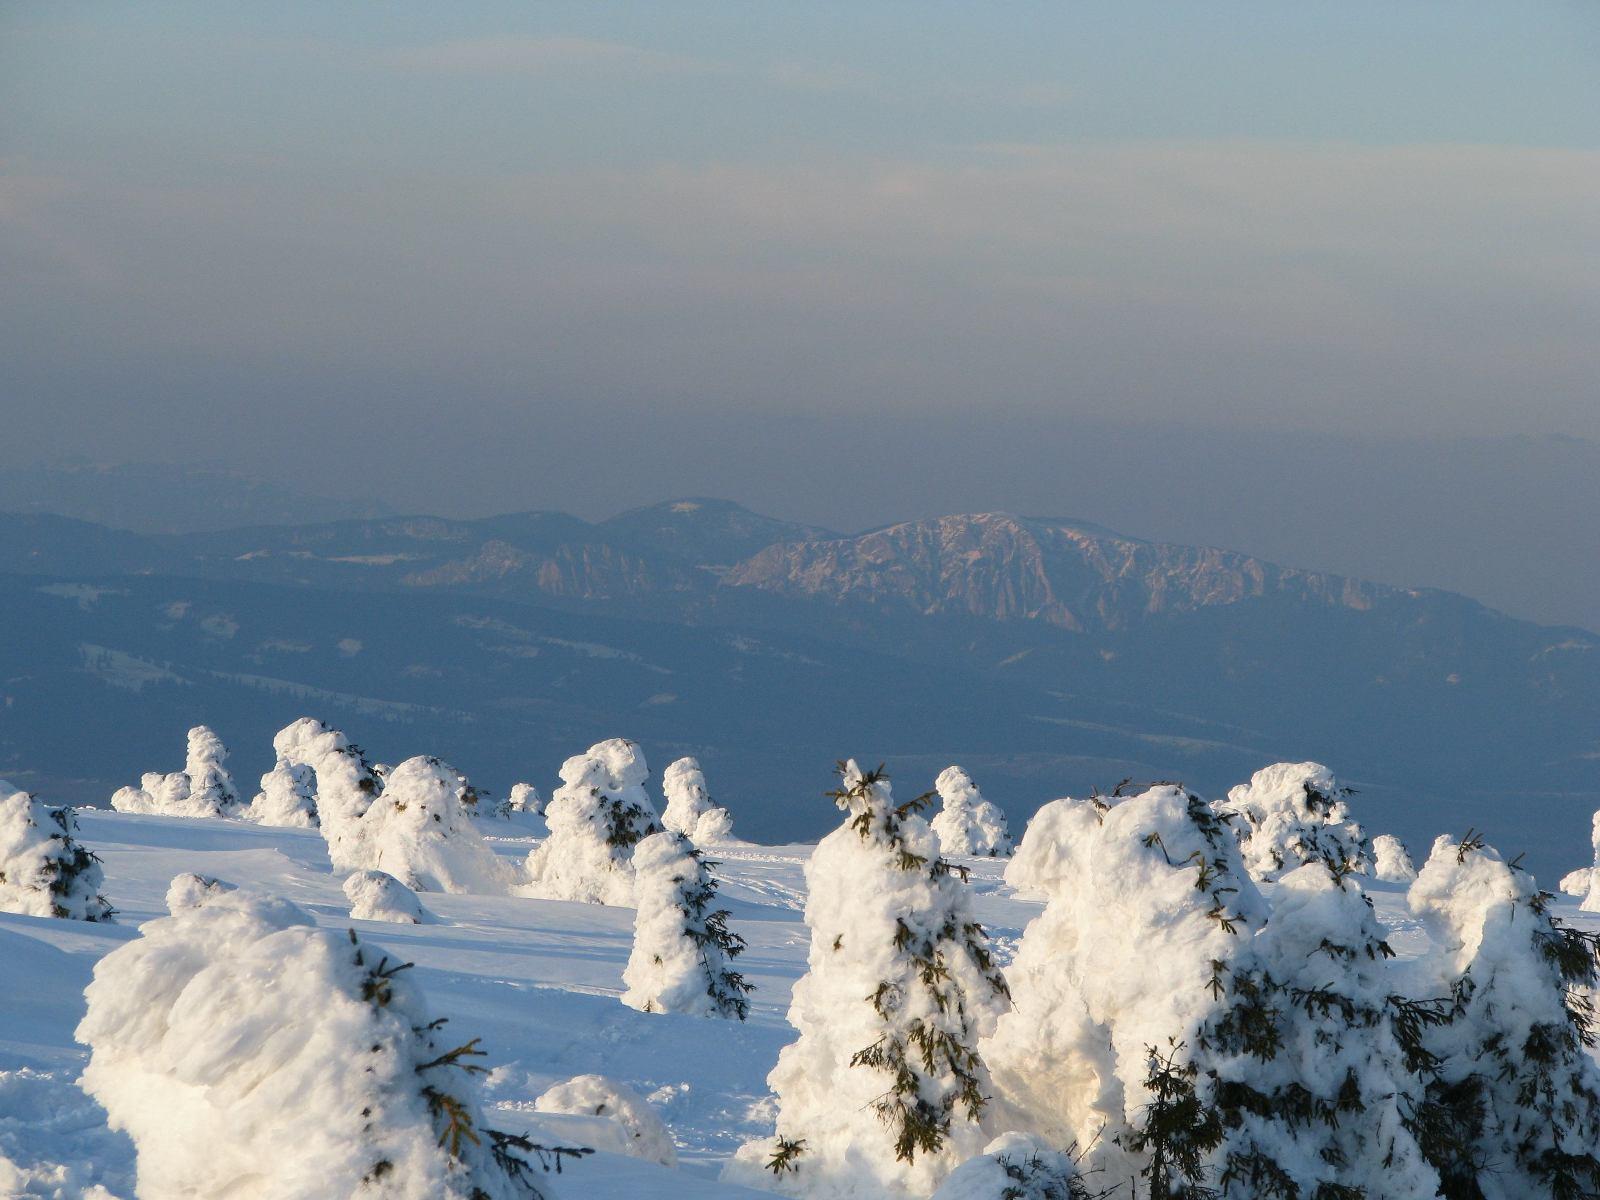 The summit of Harghita (1800m), Harghita Mădăraş